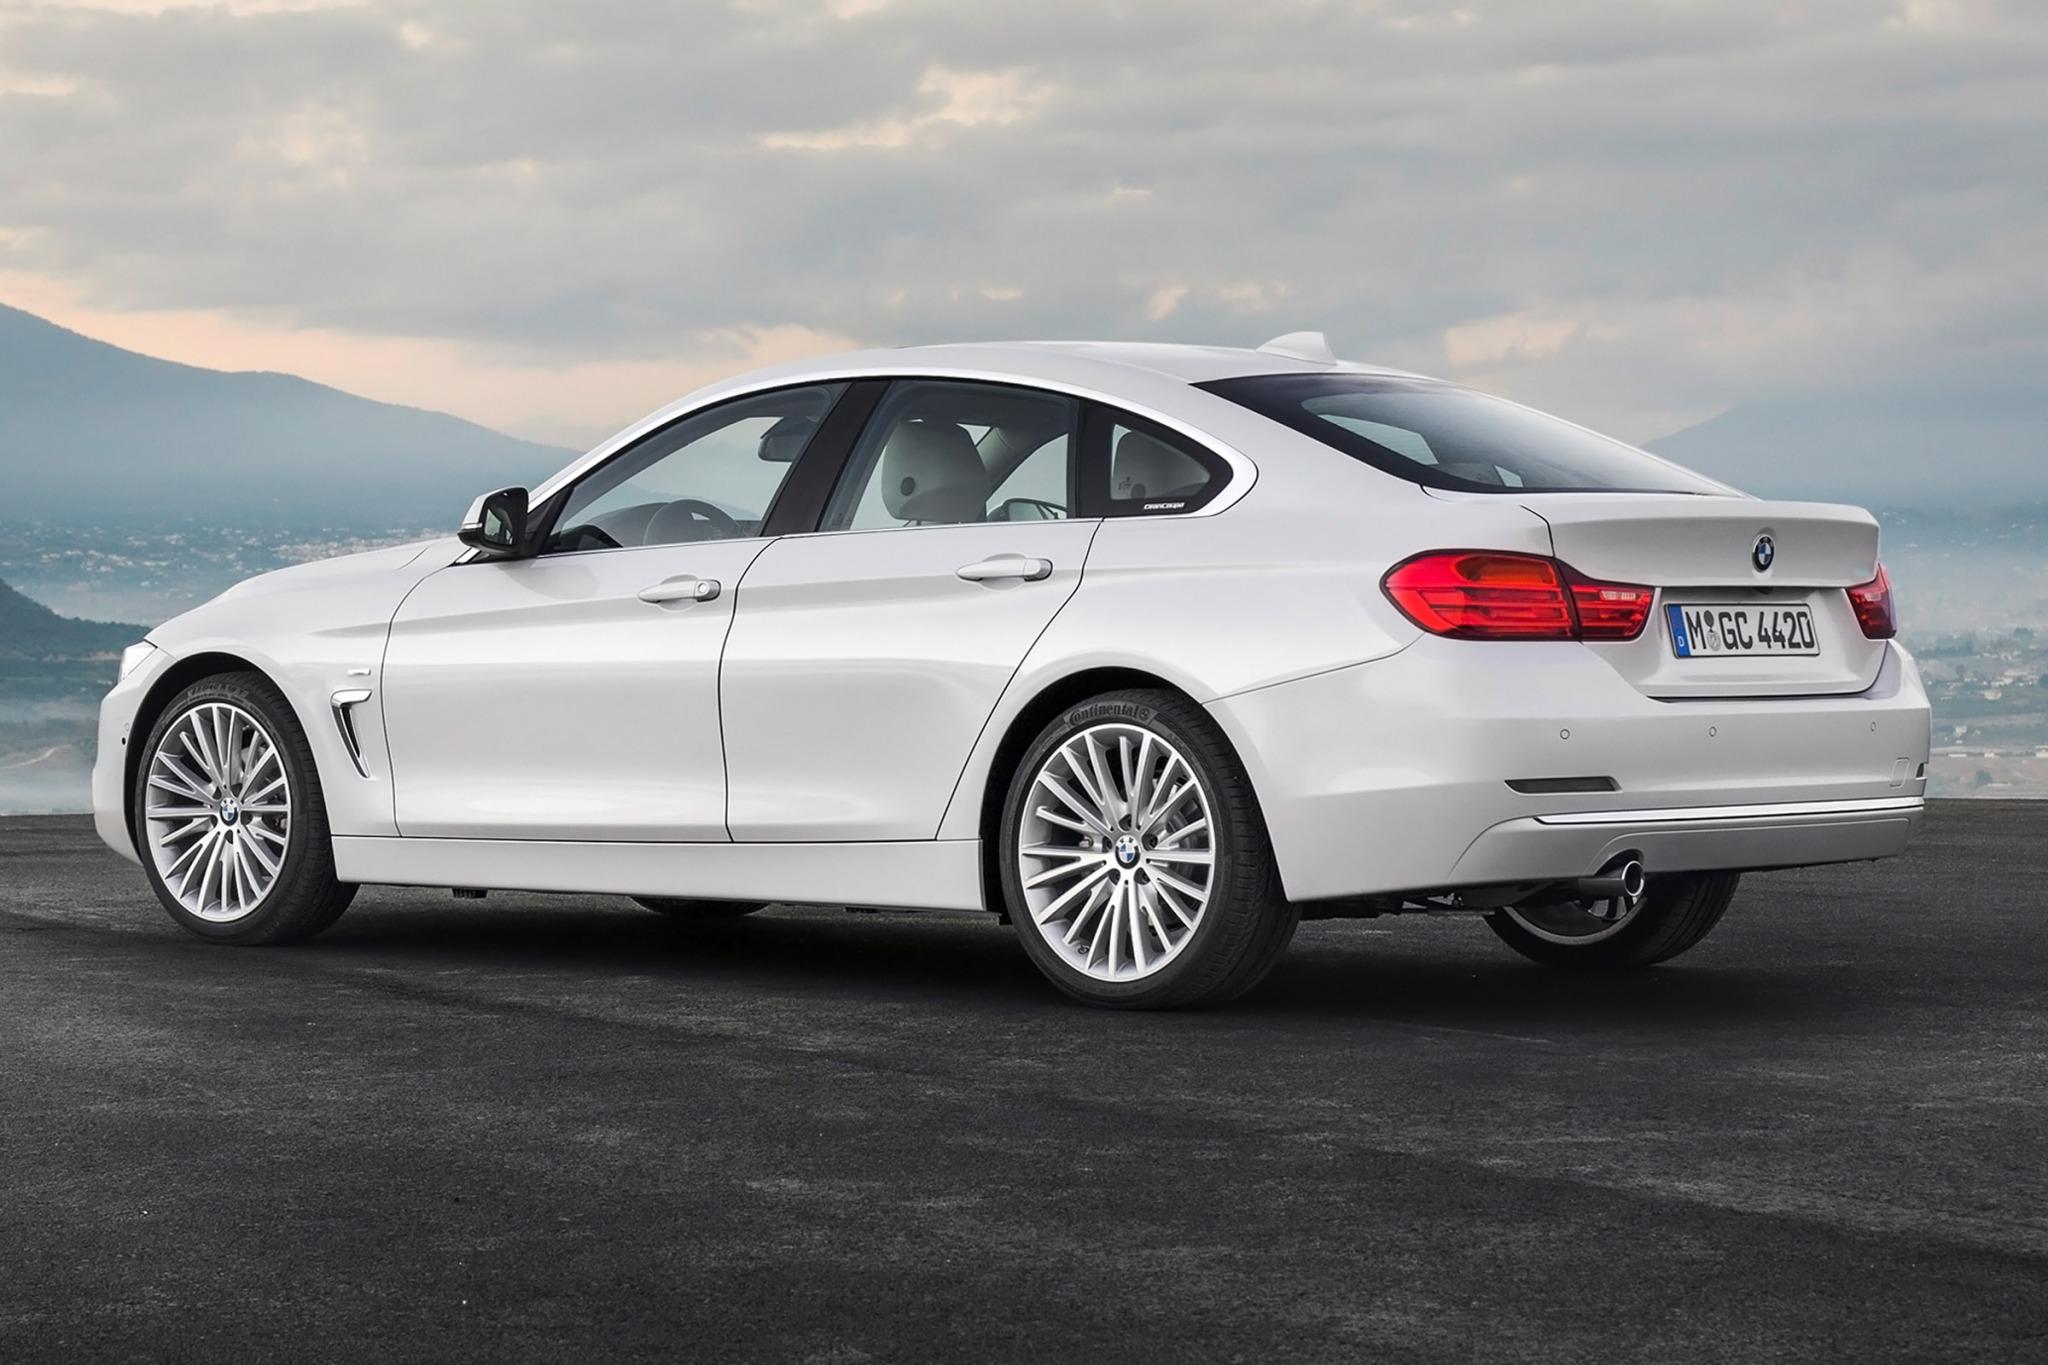 2015 BMW 4 Series Gran Coupe White Side Rear View